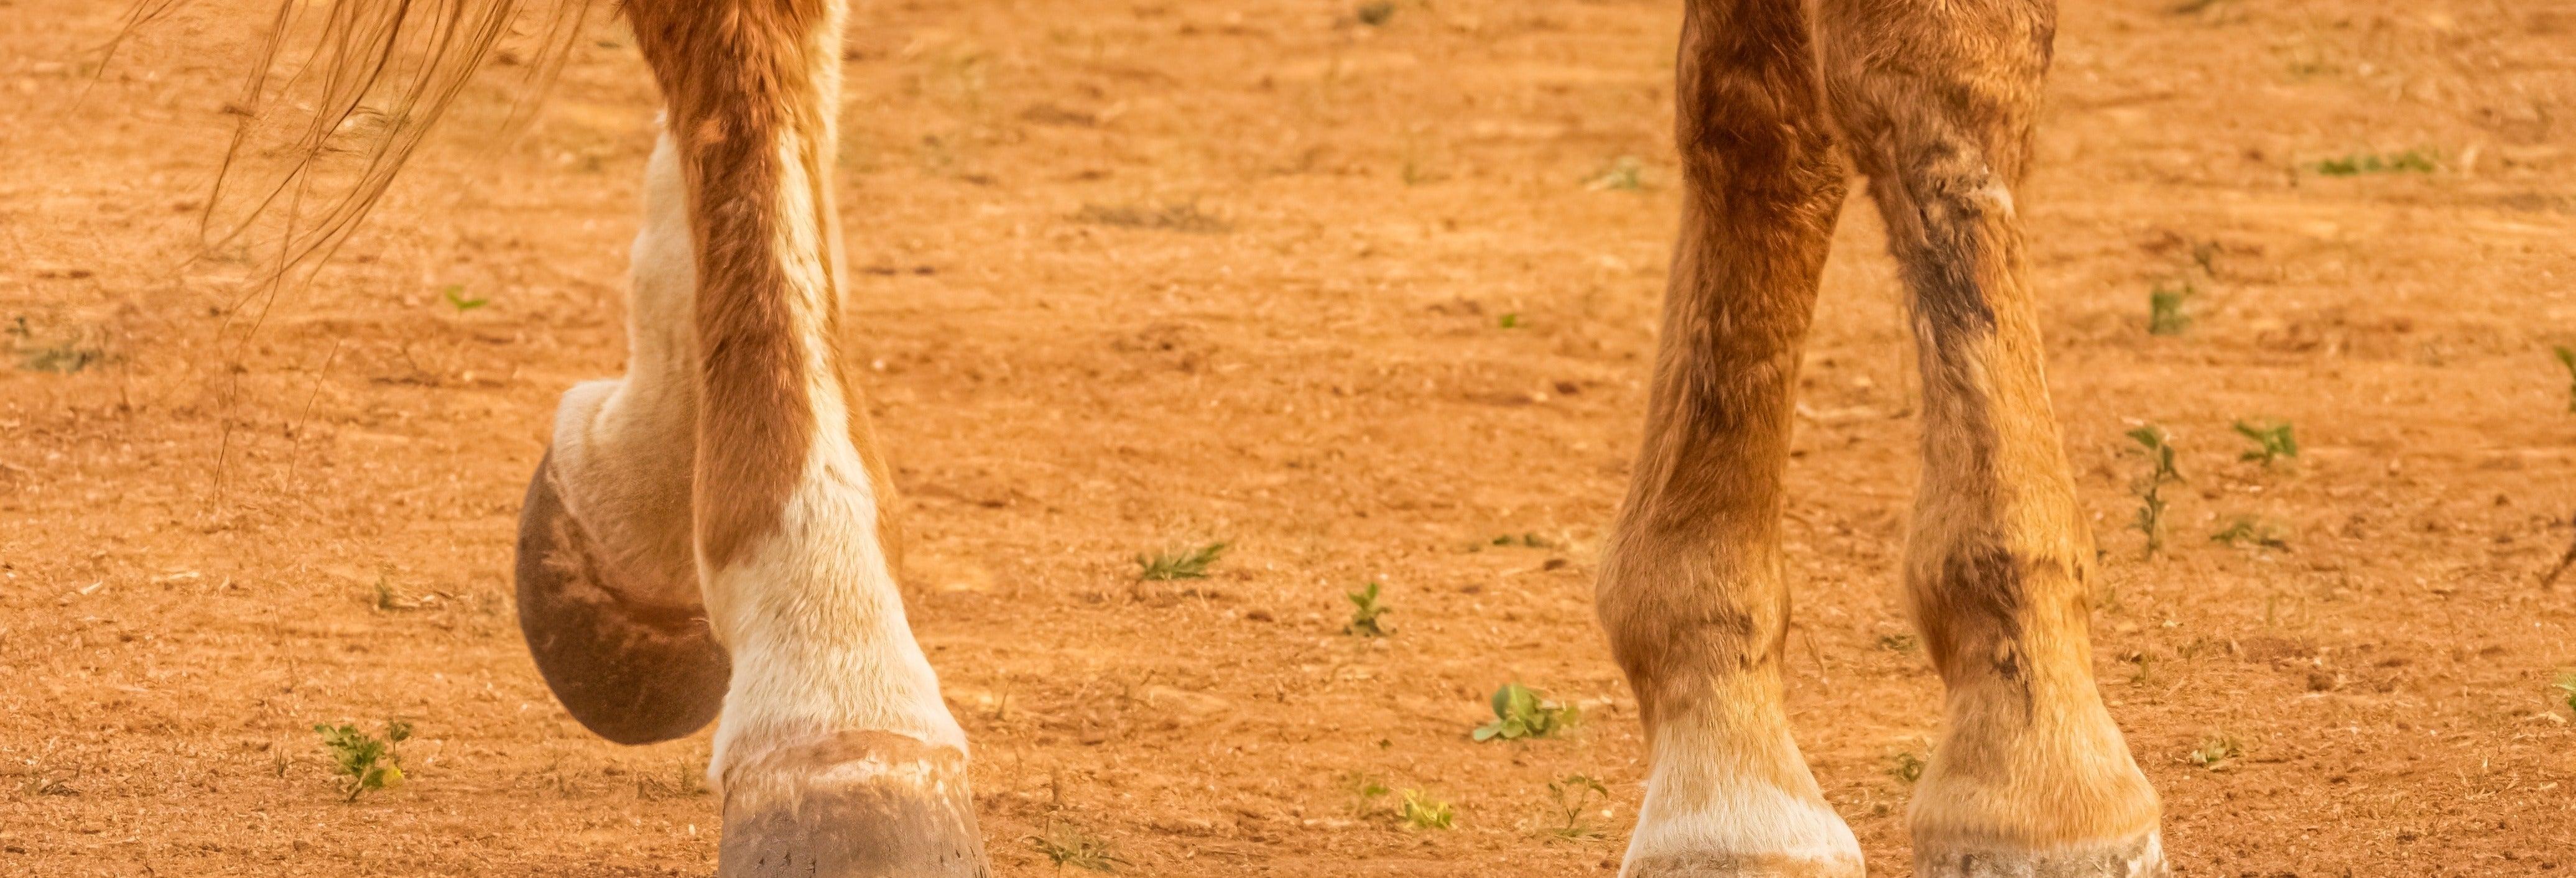 Excursión a caballo por el campo de Cáceres